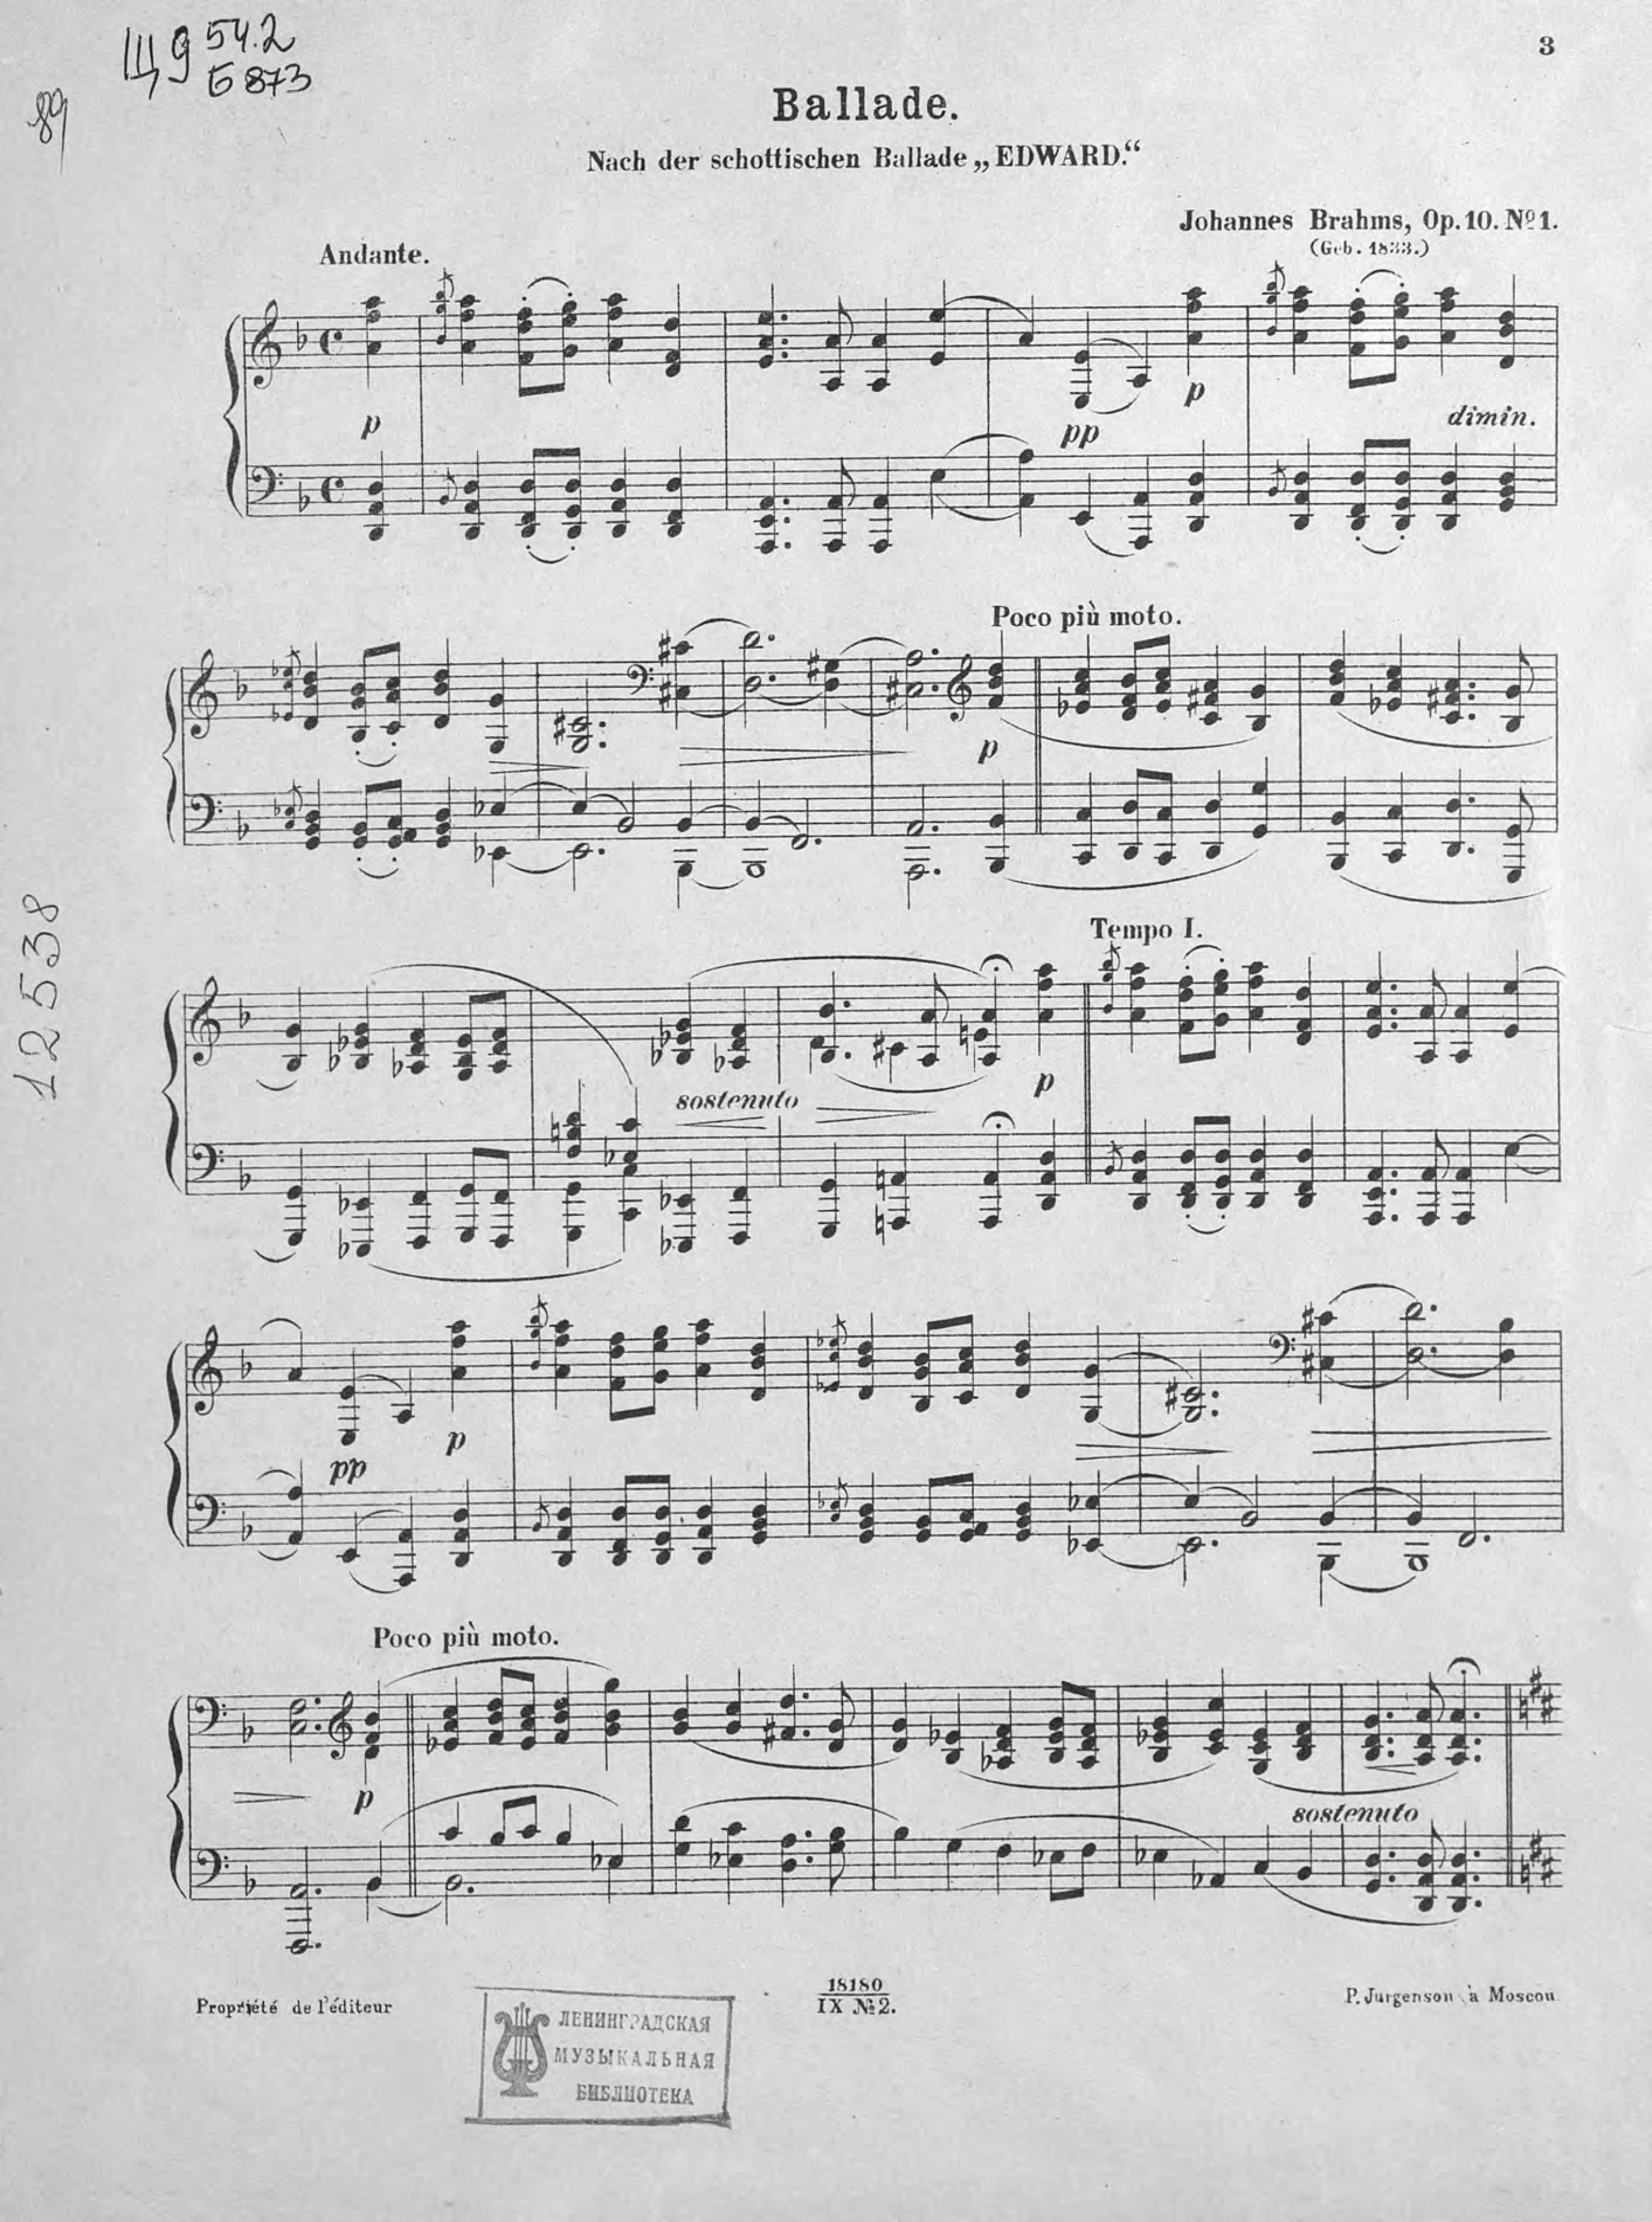 Иоганнес Брамс Баллада (Эдвард) давид ойстрах limited edition выпуск 2 франц шуберт иоганнес брамс сонаты для скрипки lp